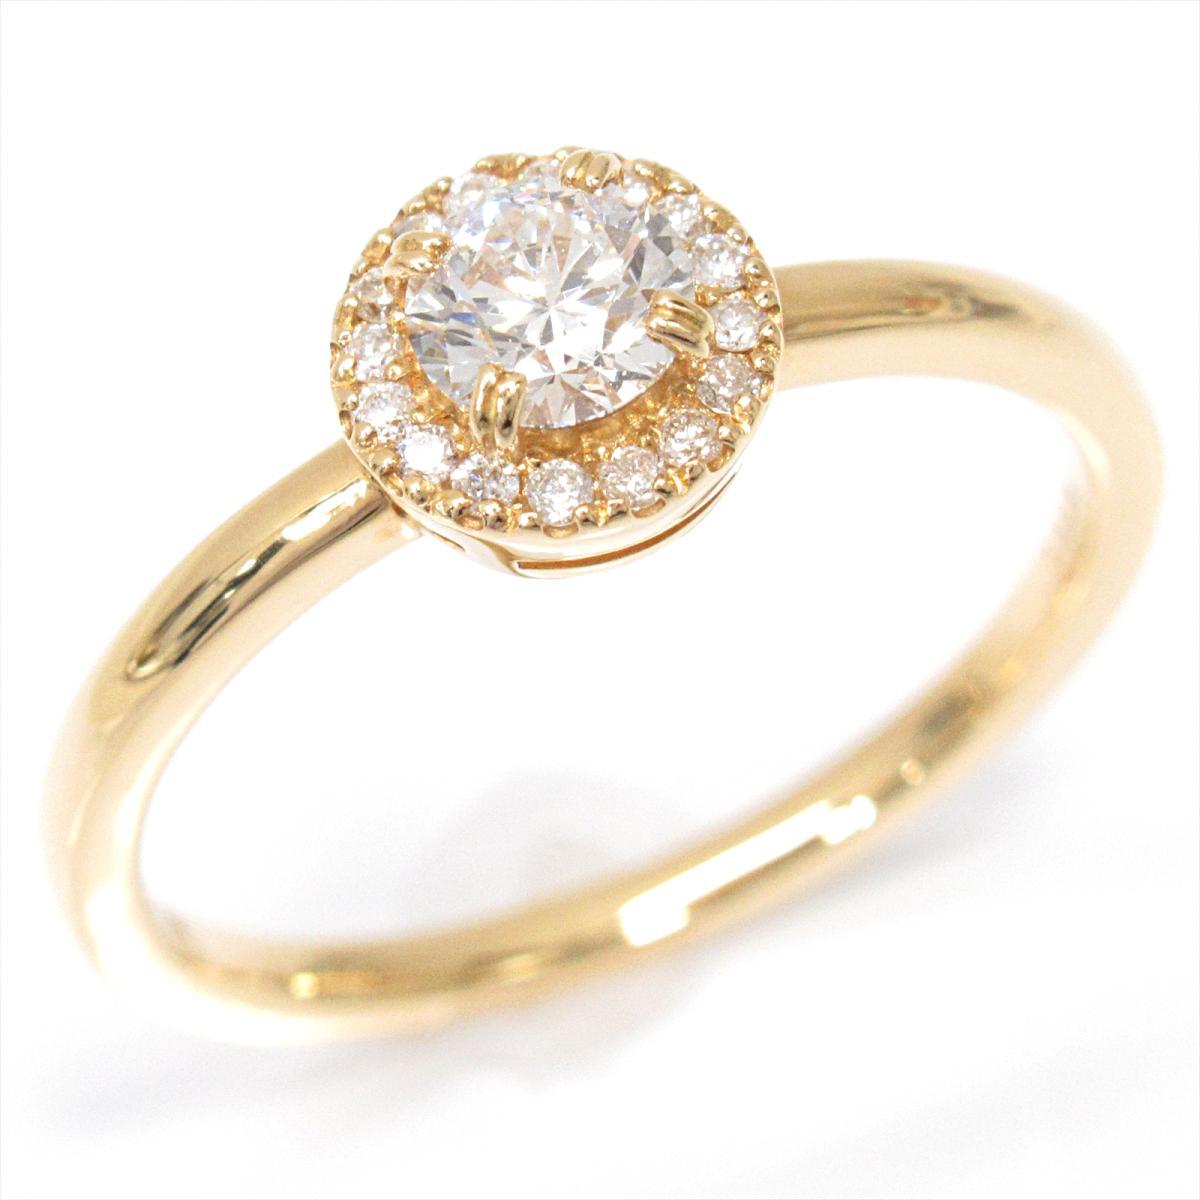 【中古】 ルジアダ ダイヤモンドリング 指輪 レディース K18YG (750) イエローゴールド x ダイヤモンド (0.282ct) | RUGIADA BRANDOFF ブランドオフ ブランド ジュエリー アクセサリー リング